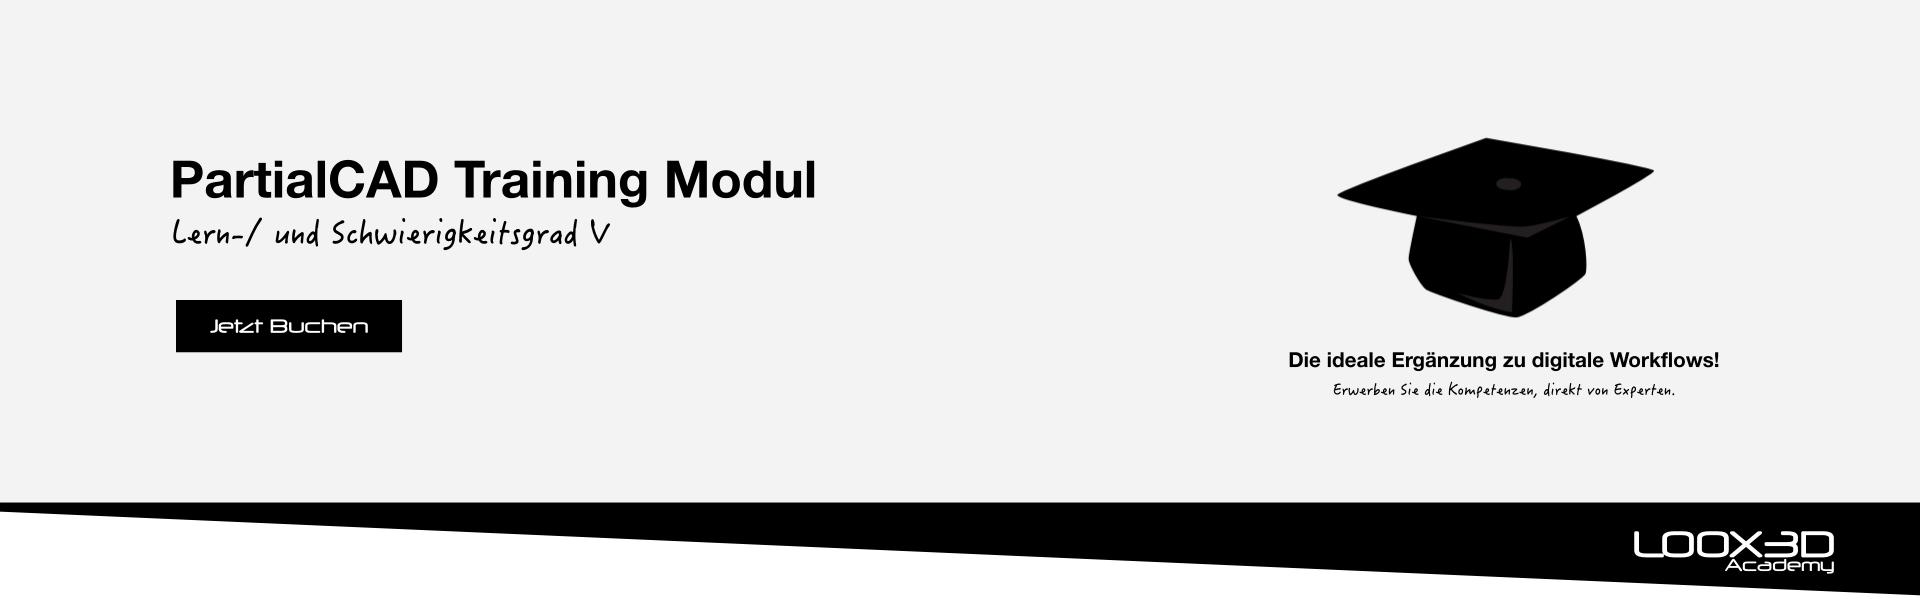 exocad PartialCAD Training Modul 4